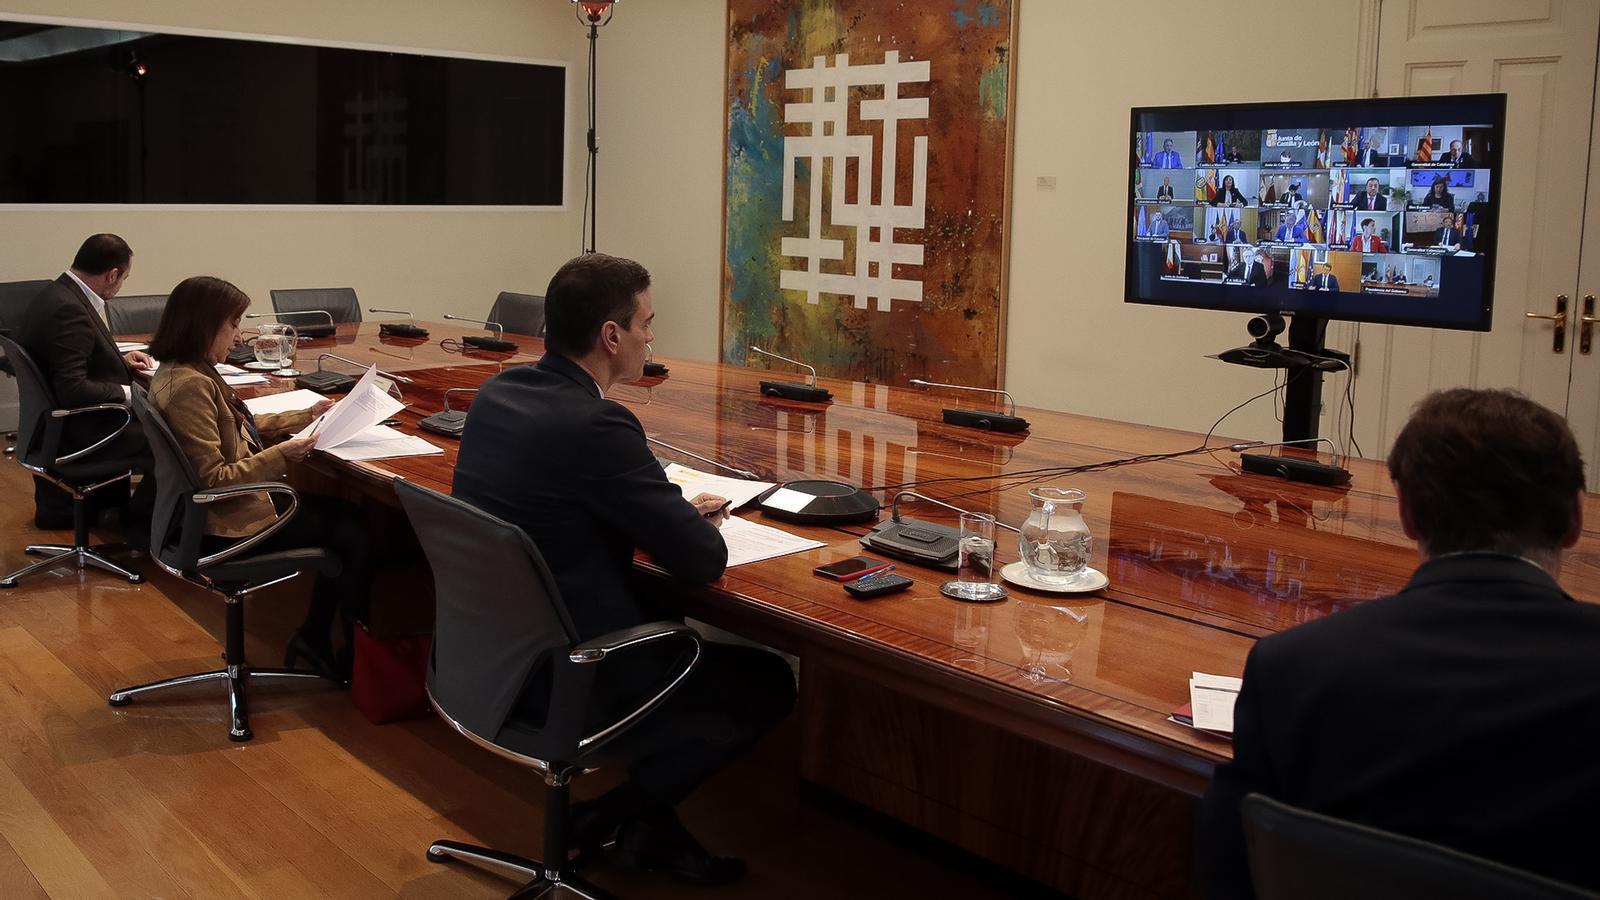 El president del govern espanyol, Pedro Sánchez, encapçalant la reunió per videoconferència amb els presidents autonòmics